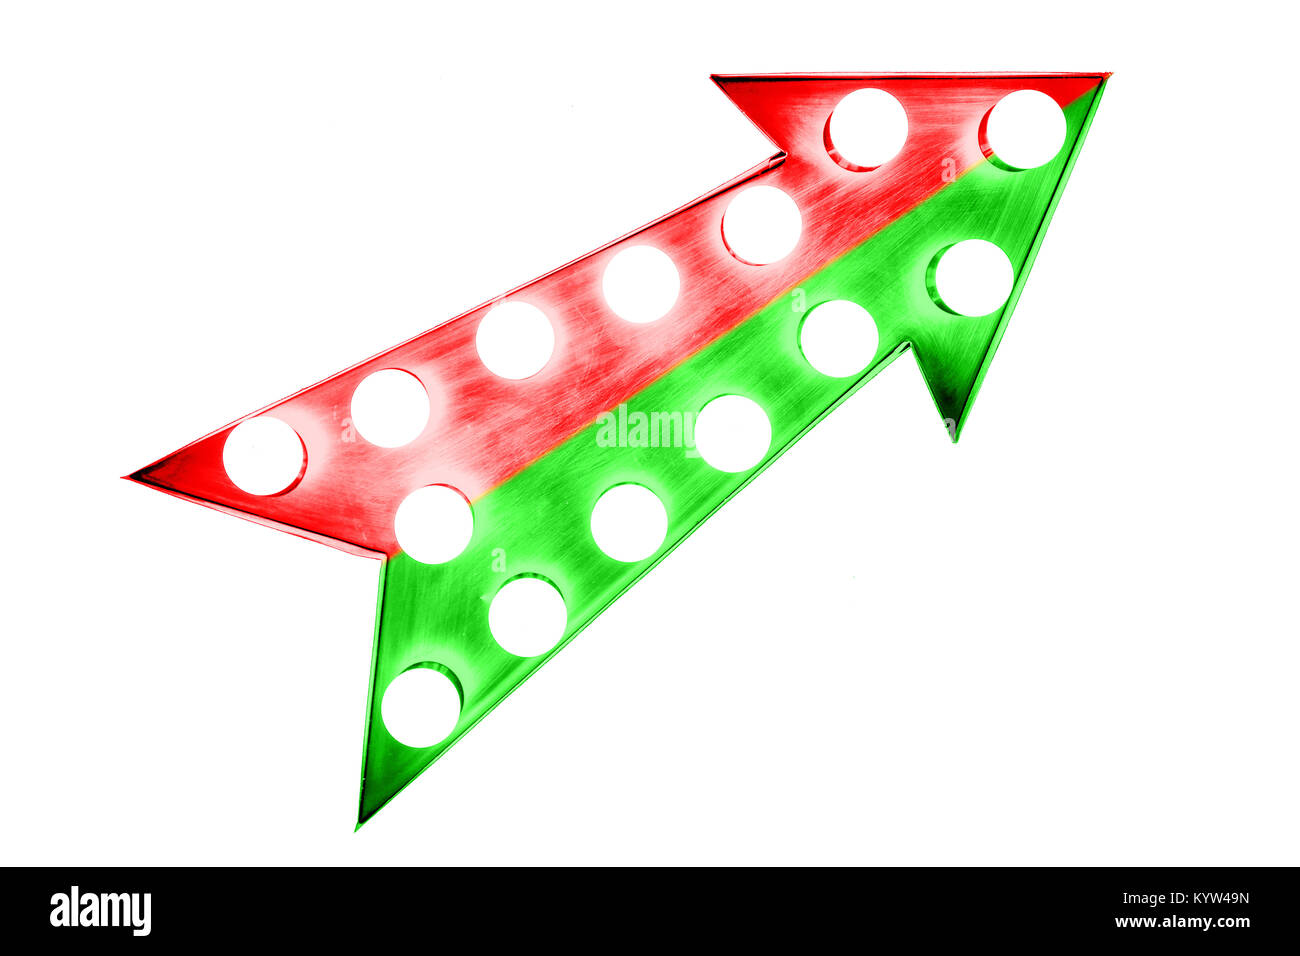 Vector Marquee Arrow Symbol Stockfotos & Vector Marquee Arrow Symbol ...